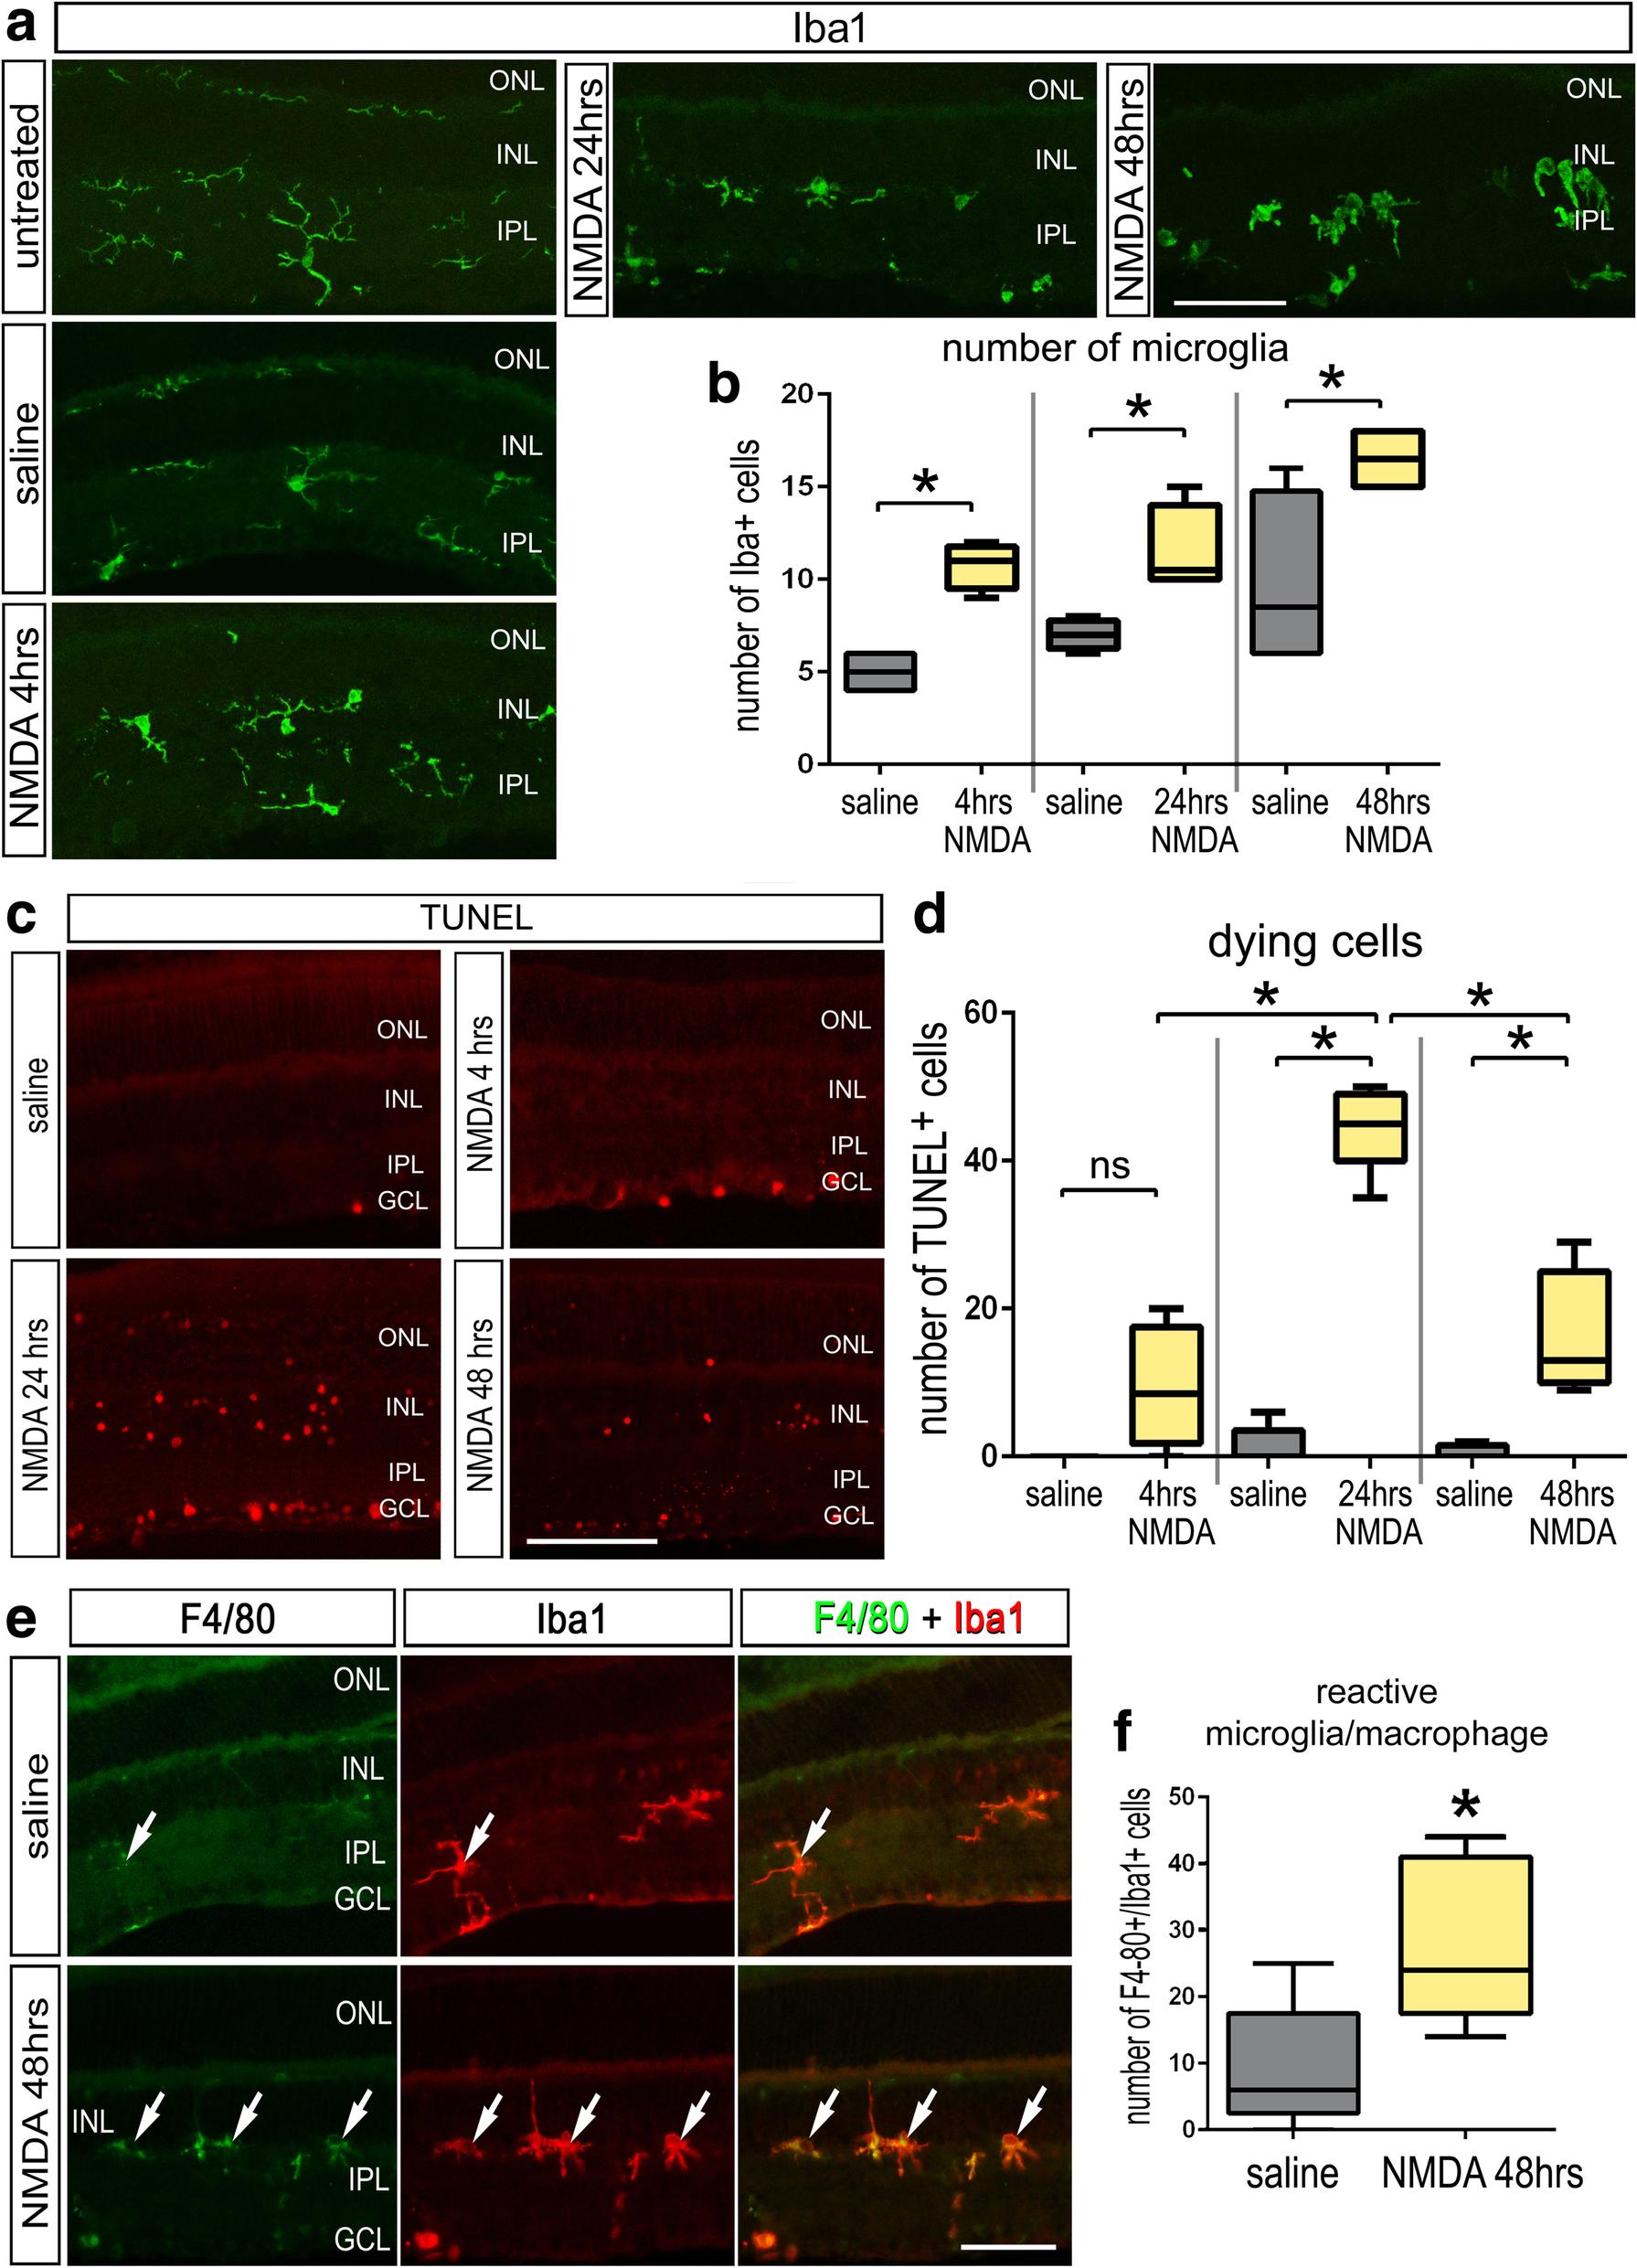 Reactive microglia and IL1β/IL-1R1-signaling mediate